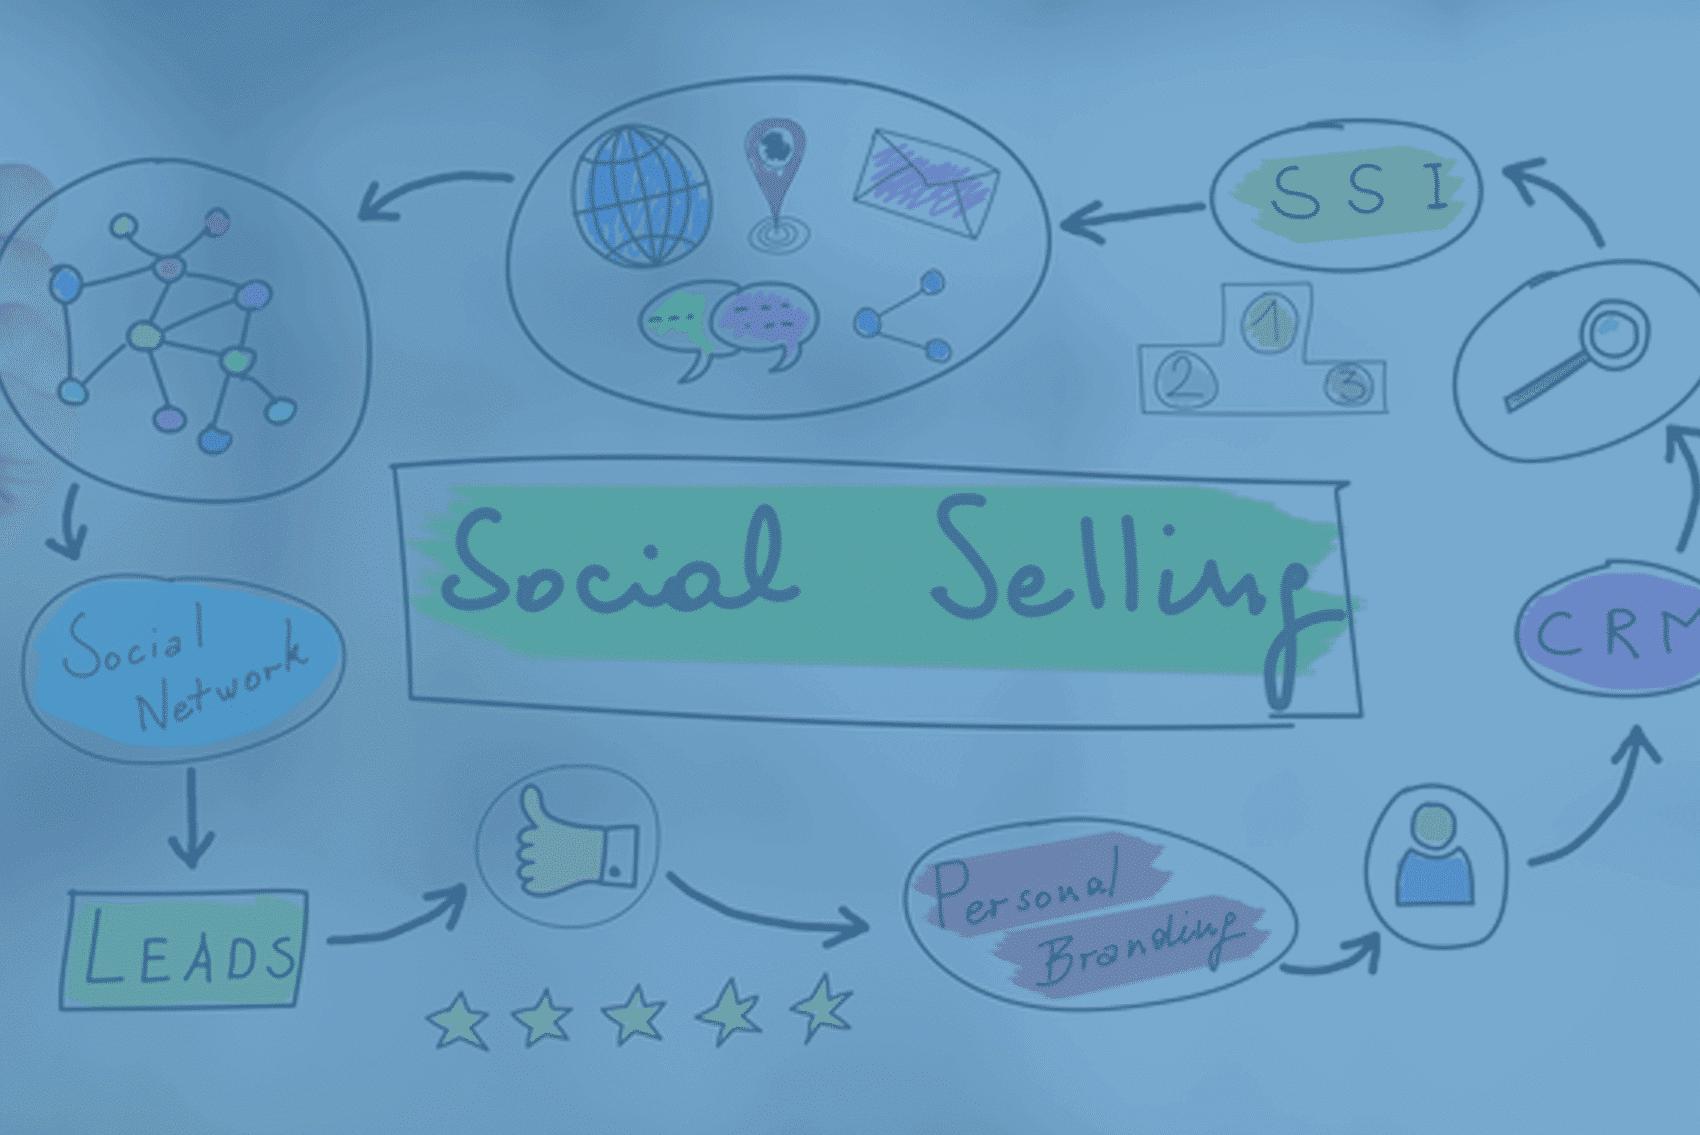 5 étapes pour intégrer le social selling à votre stratégie d'inbound marketing